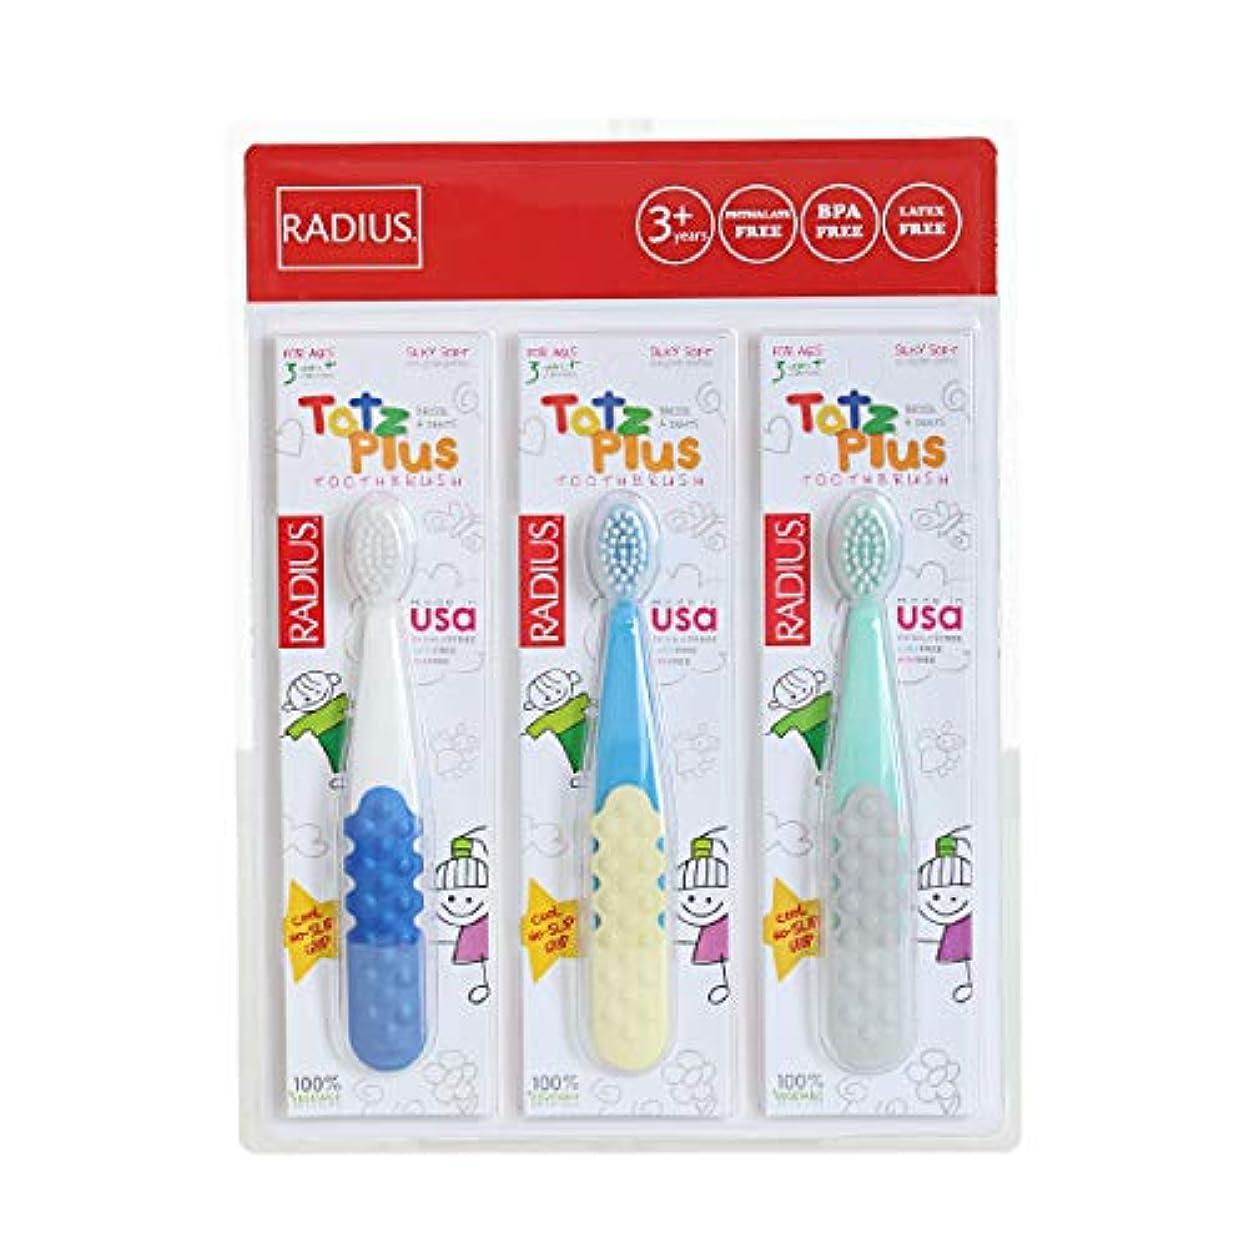 幻滅する徒歩で関係ないラディウス Totz Plus Toothbrush 歯ブラシ, 3年+ シルキーソフト, 100% 野菜剛毛 3パック [並行輸入品]